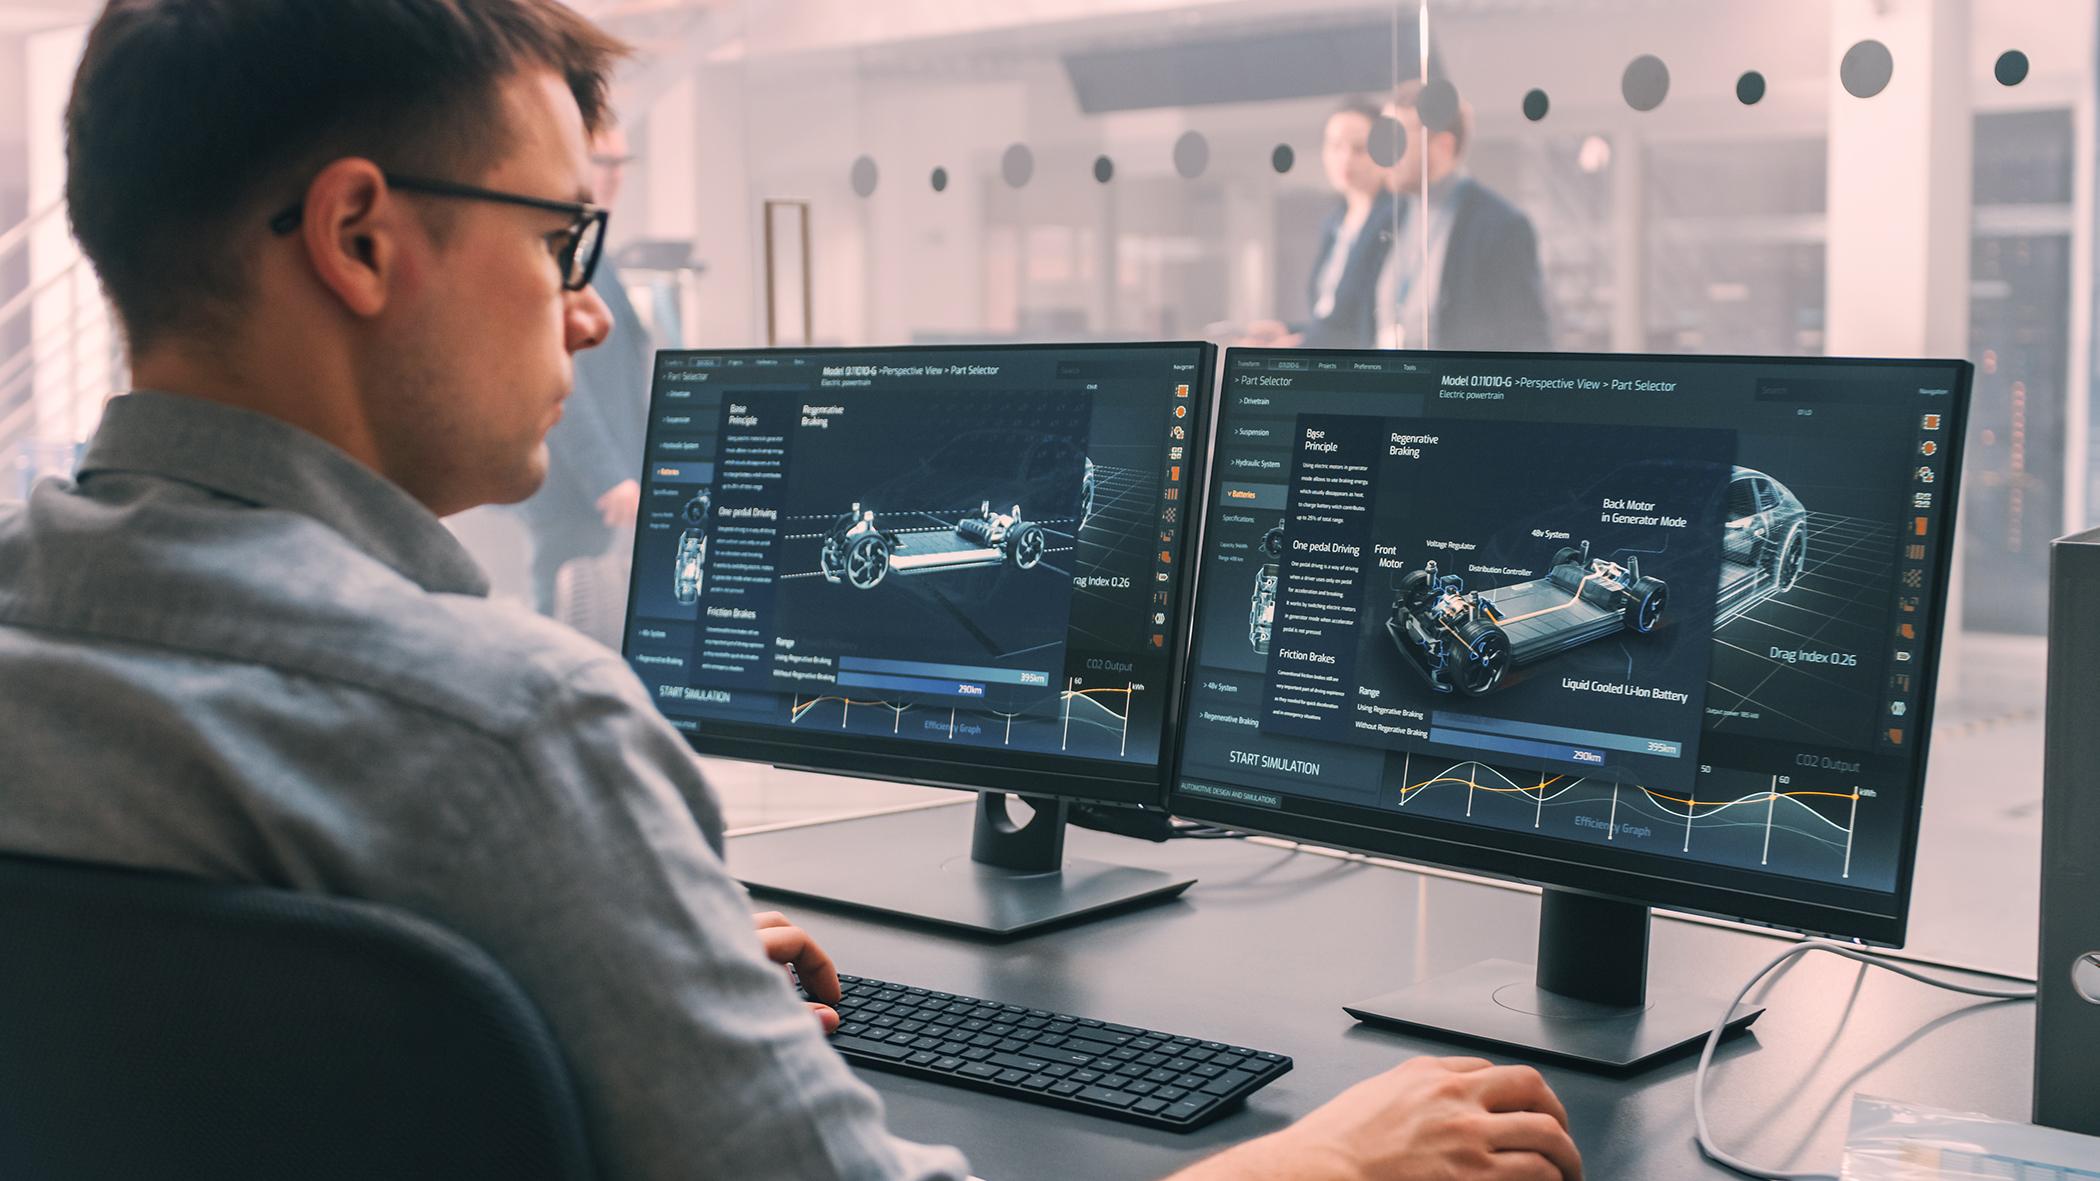 Software bude hrát klíčovou roli v automobilech budoucnosti